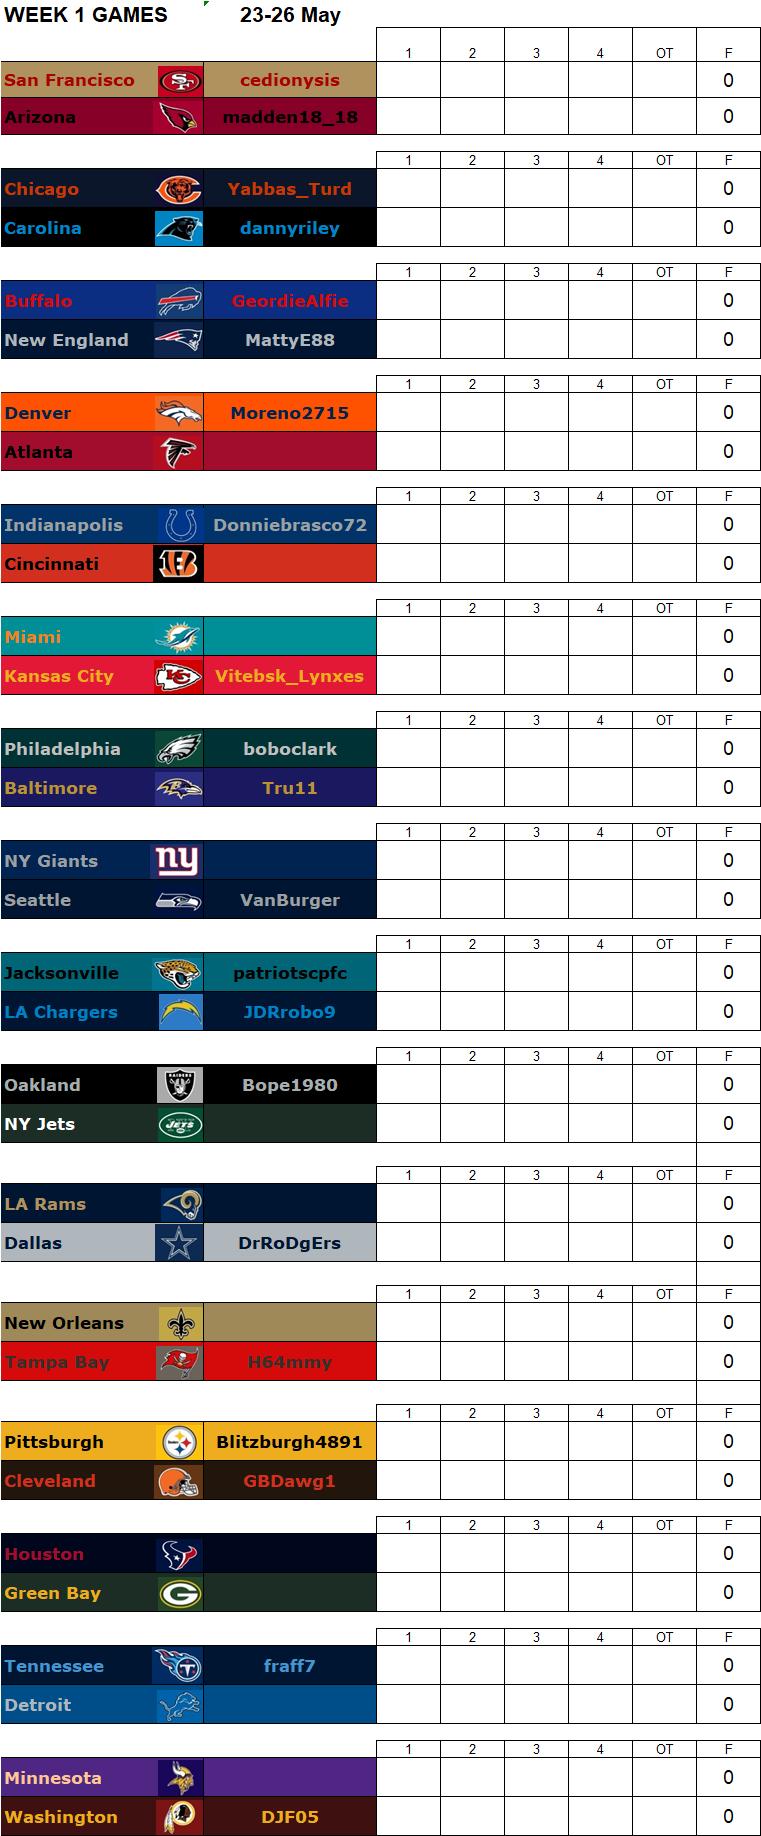 Week 1 Regular Season Matchups, 23-26 May W1g11